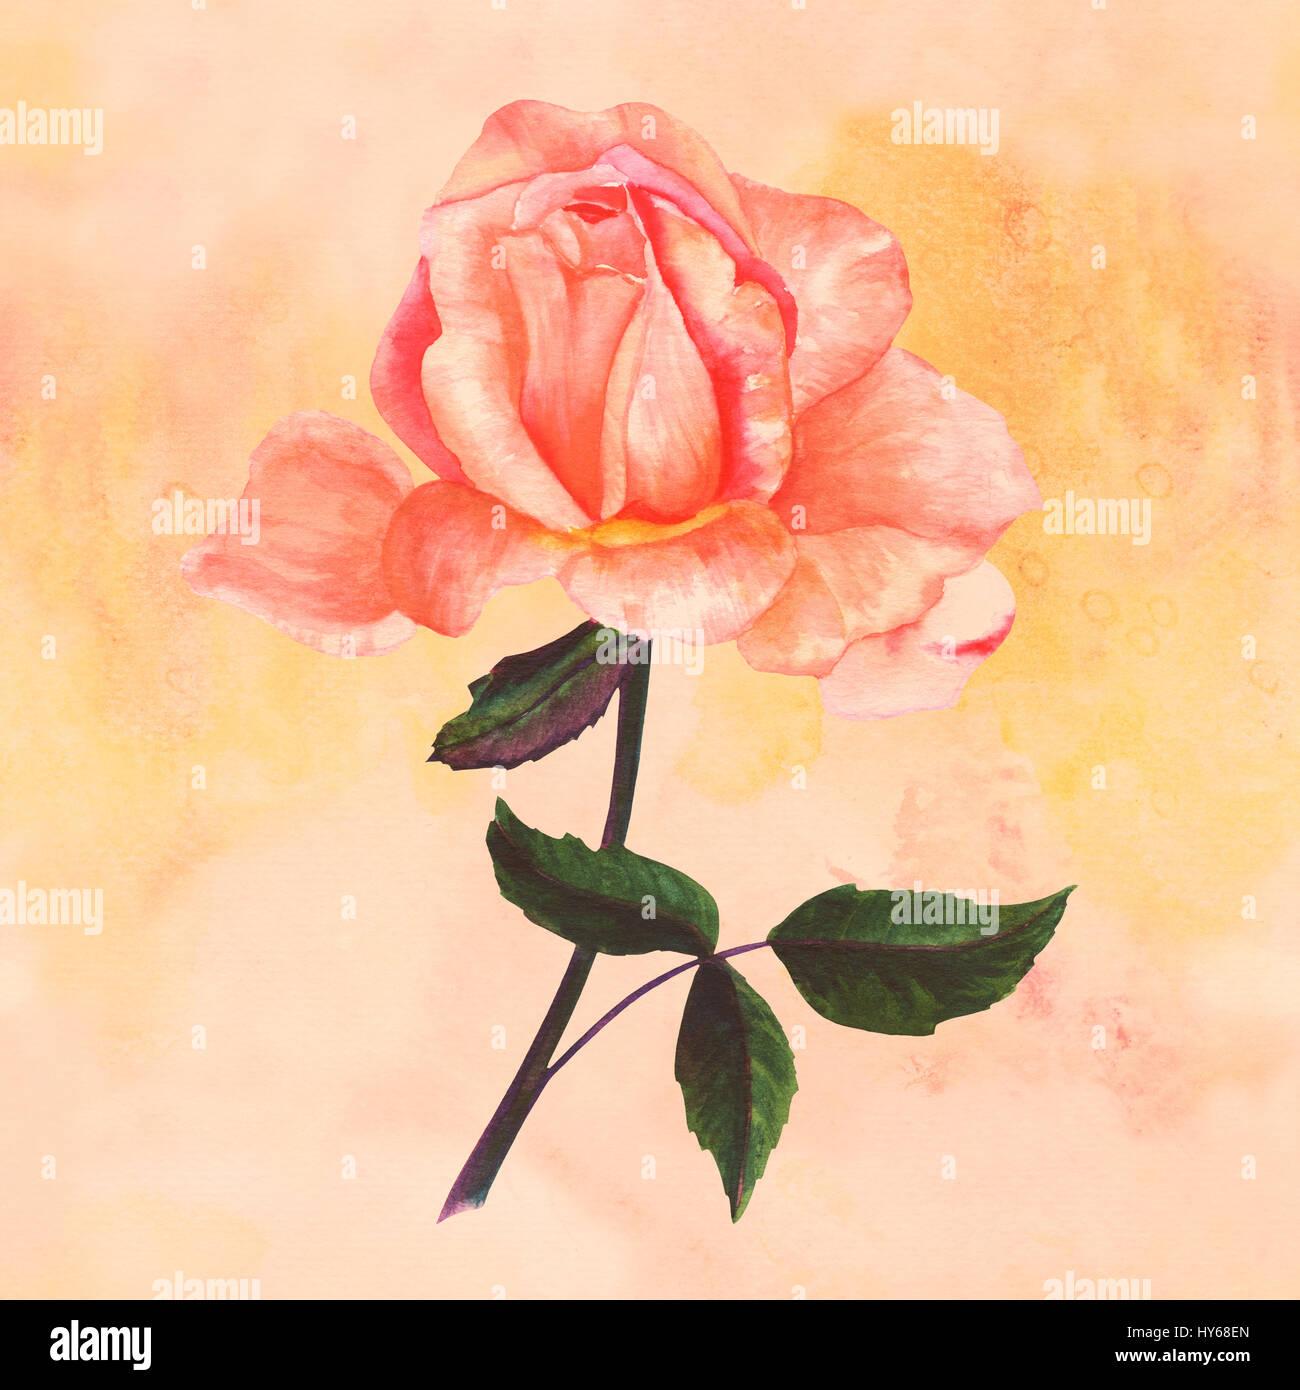 um desenho em aquarela de um concurso rosa flor pintados à mão no